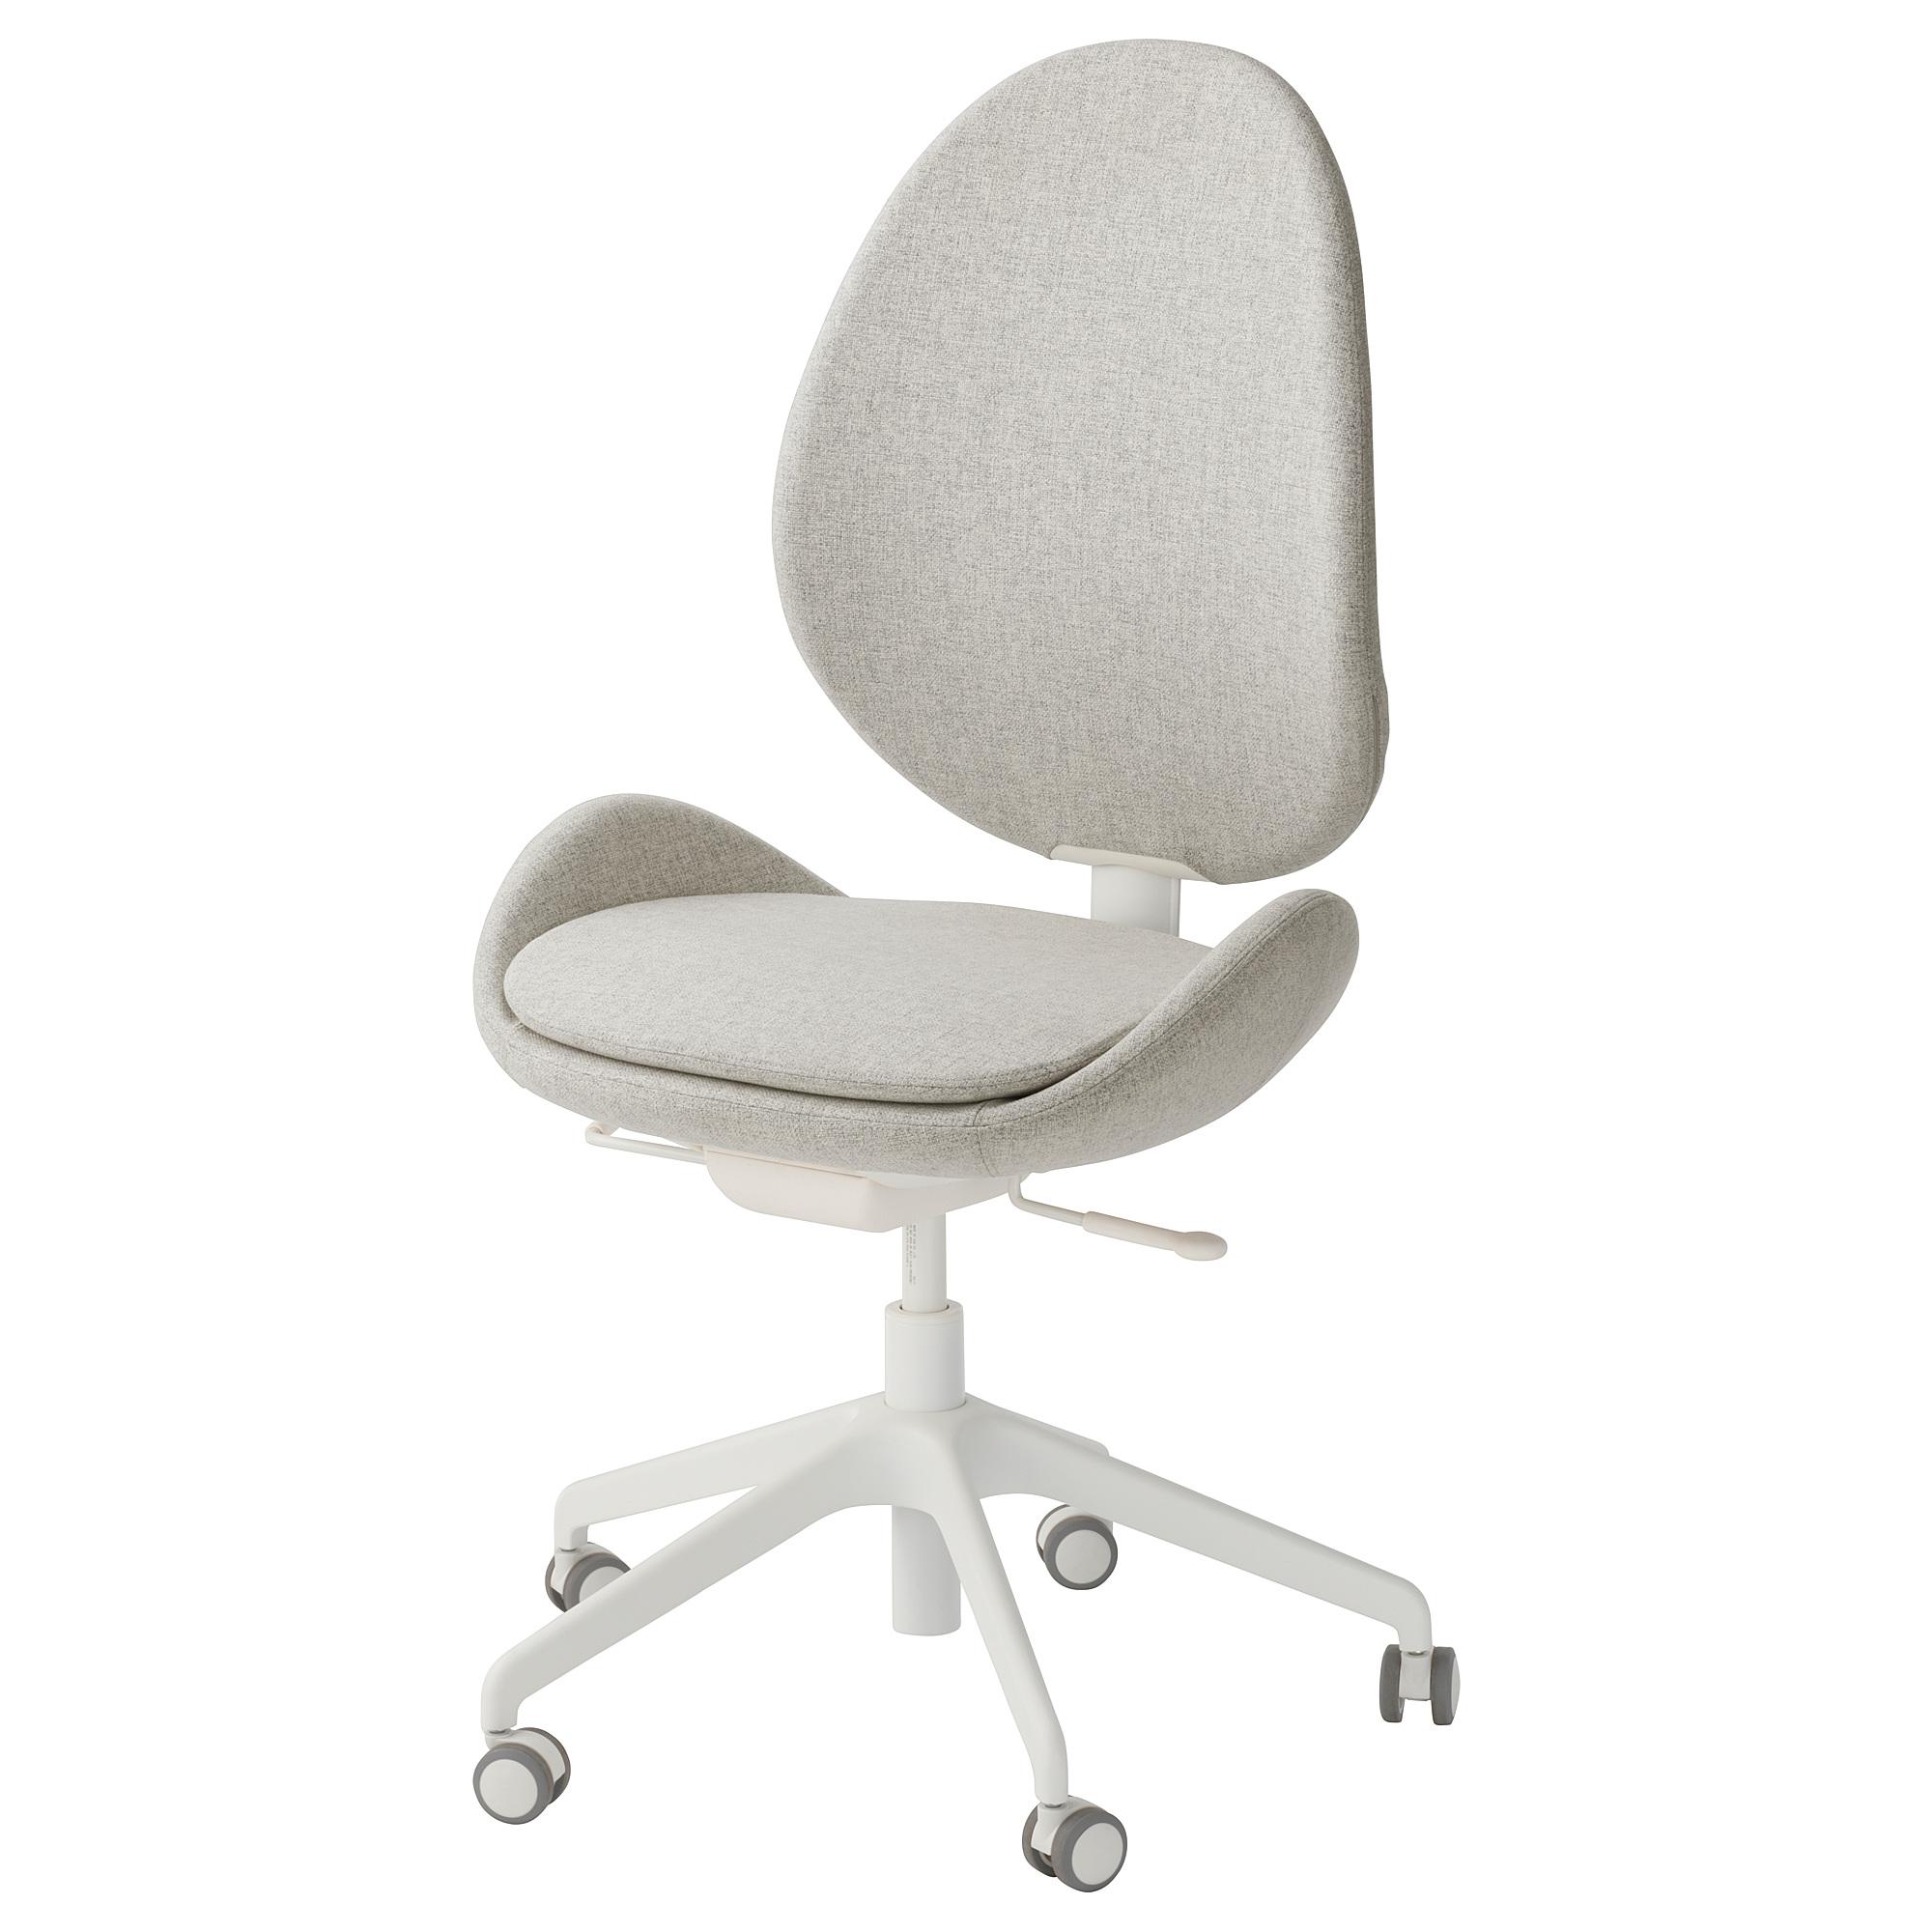 Gunnared Ikea Hattefjäll Office 2019 Chair En Beige A35cqRL4j